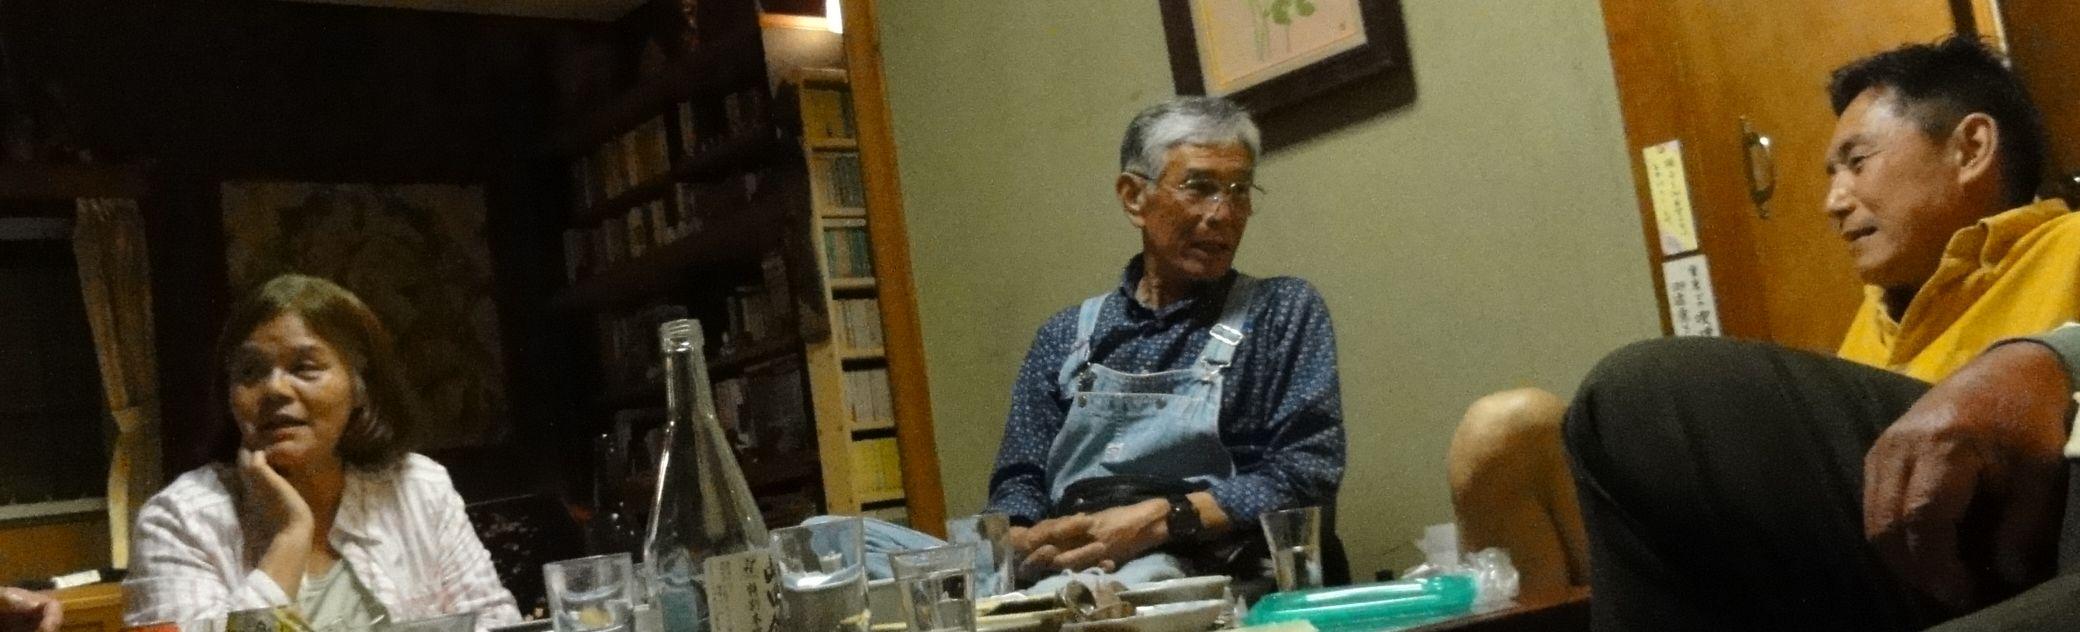 みさき里山クラブ有志で飲み会 in [仁べ]   by (TATE-misaki)_c0108460_13494753.jpg